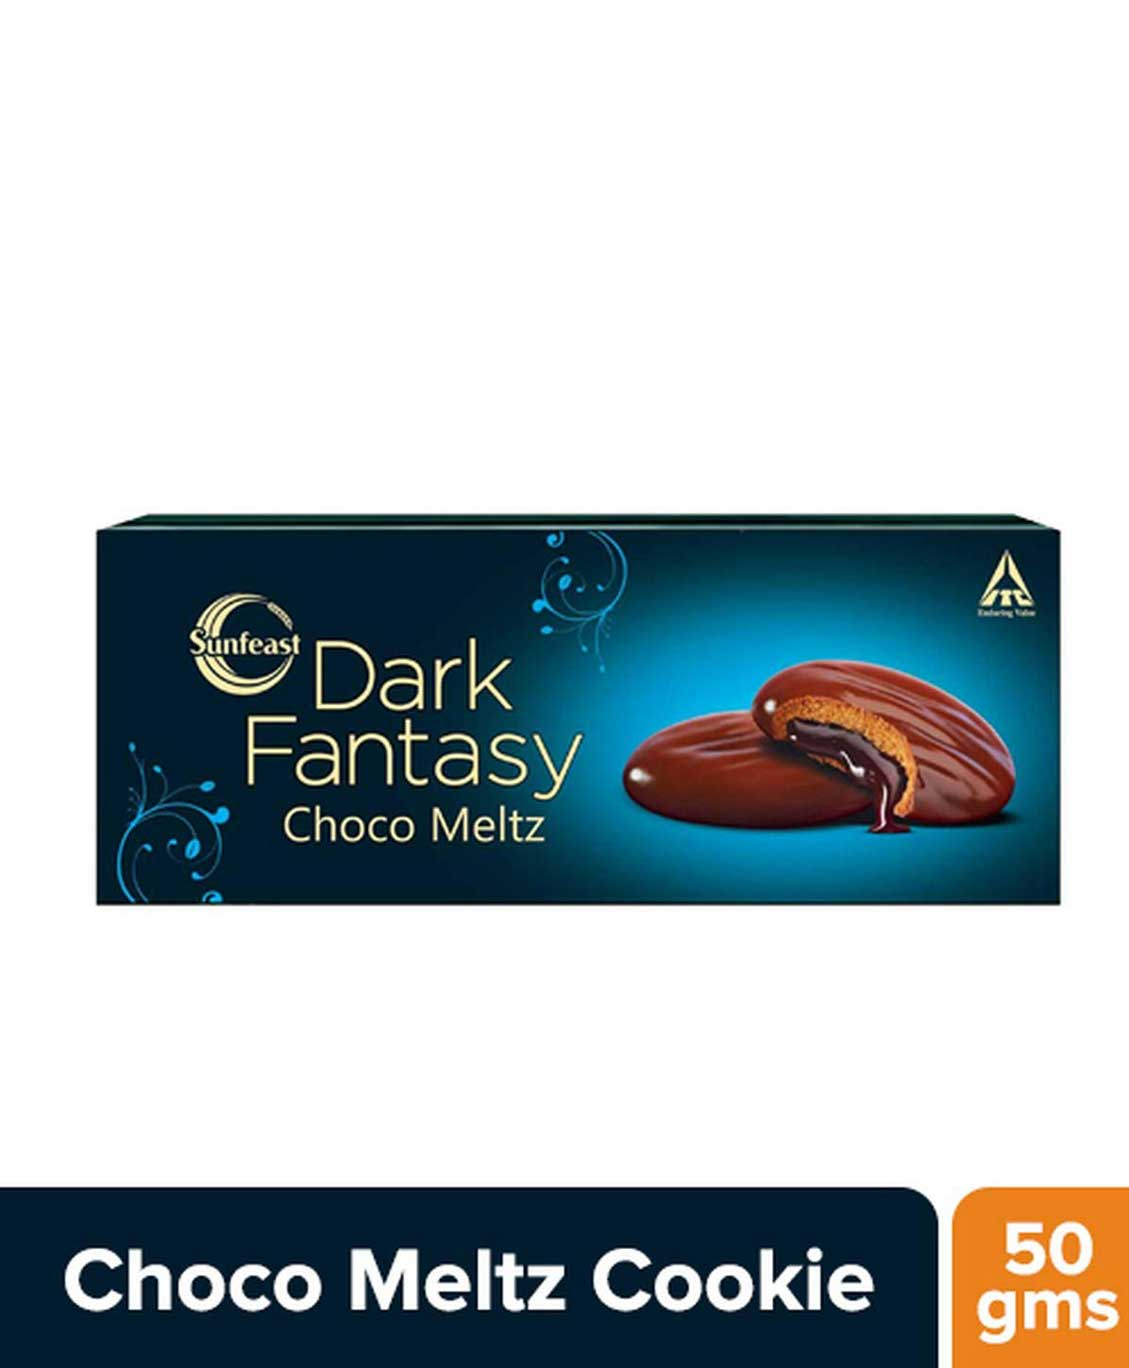 Sunfeast Dark Fantasy Choco Meltz 50 g